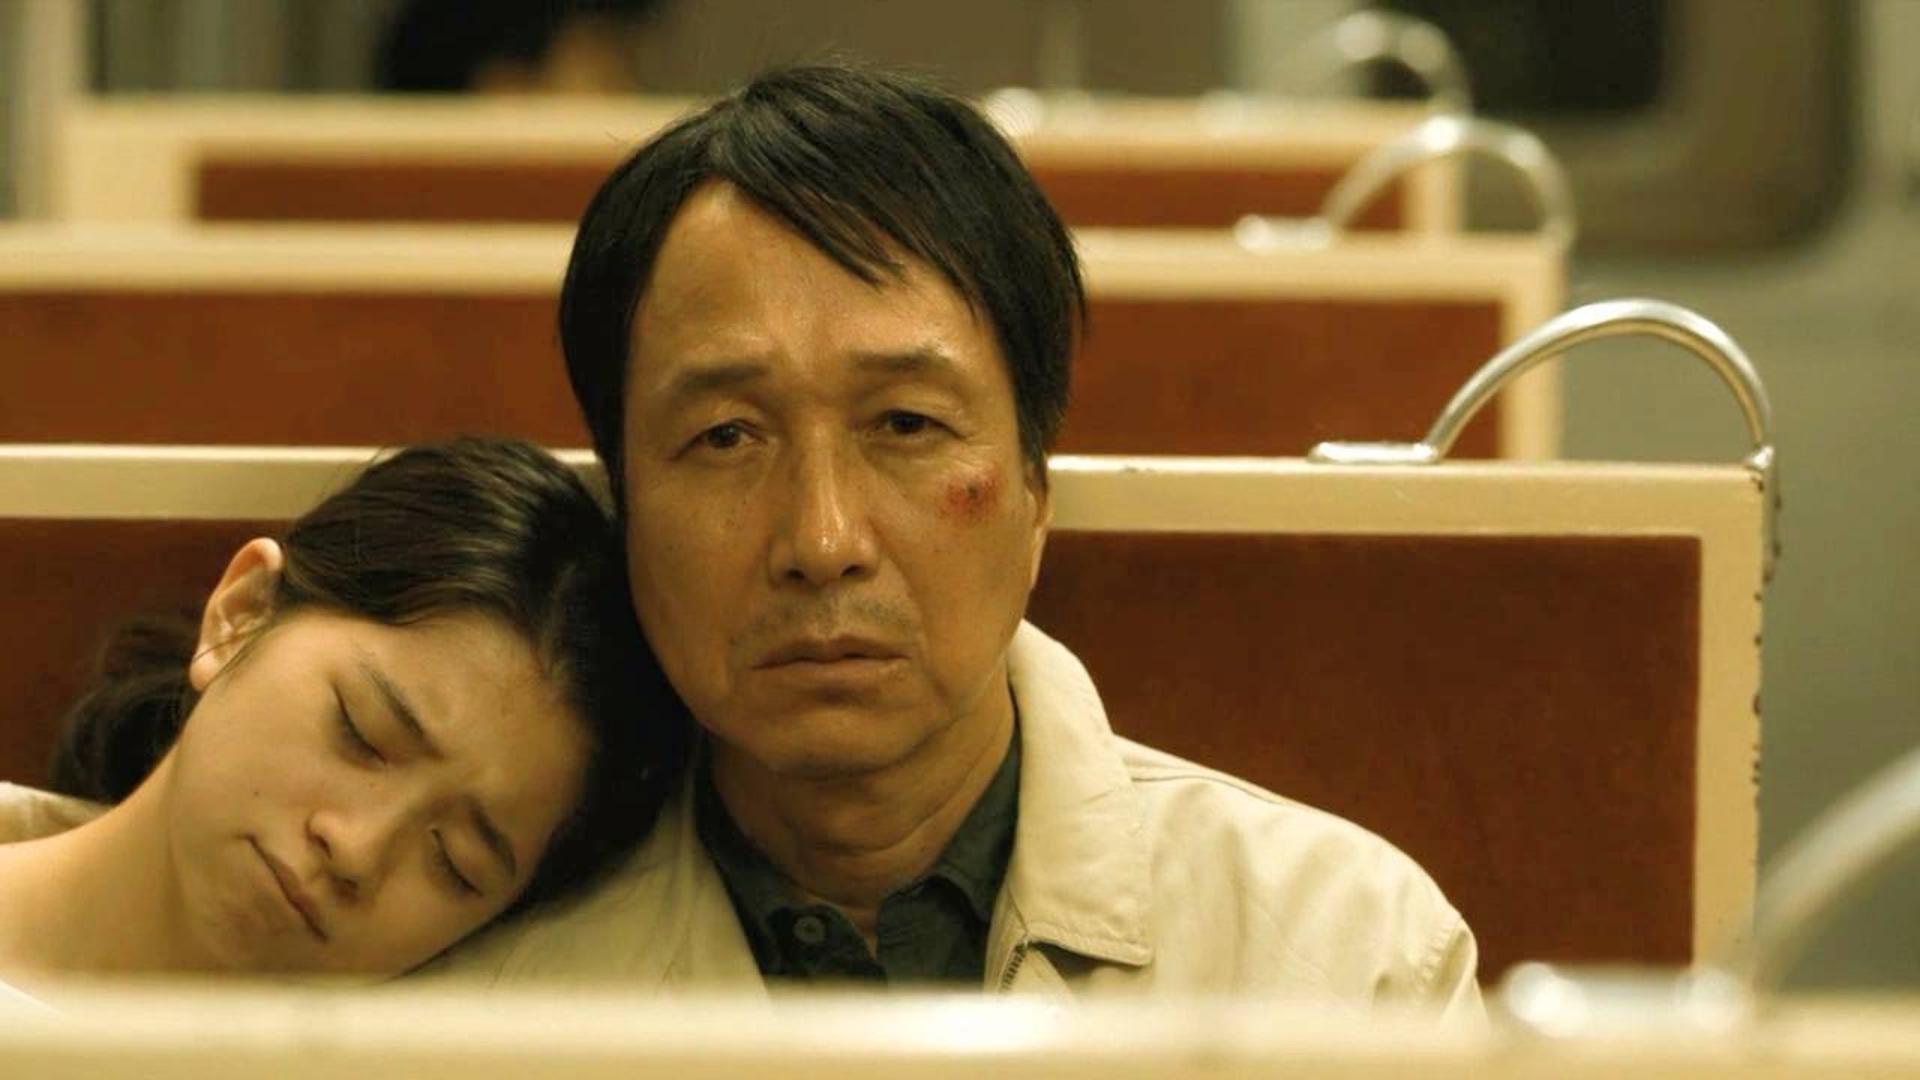 口碑炸裂的日本推理电影,这编剧脑洞真大!《祈祷落幕时》